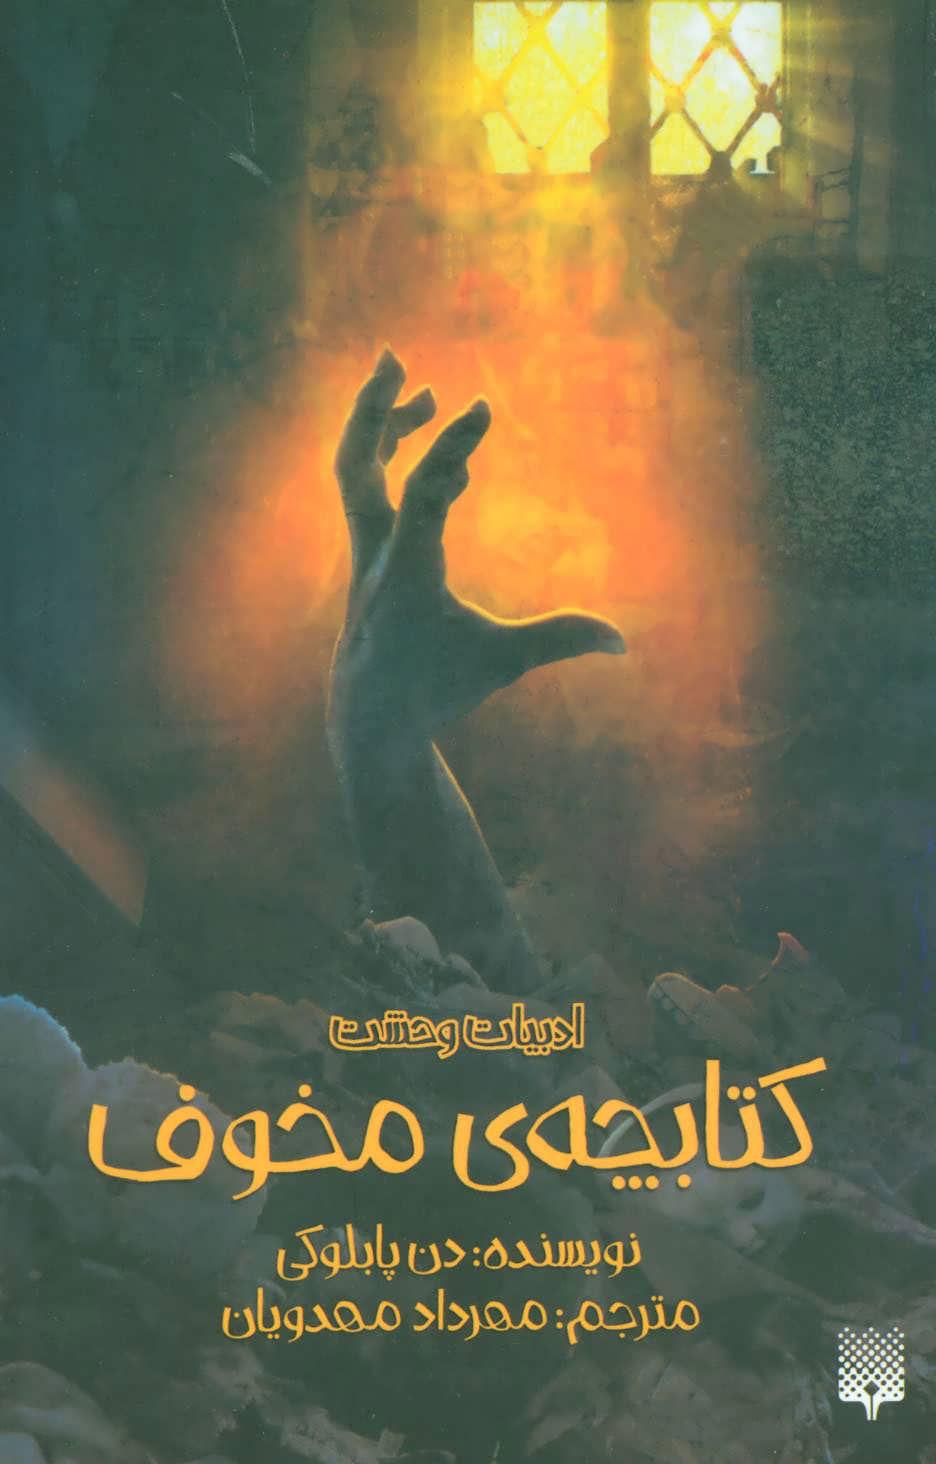 کتاب کتابچه ی مخوف